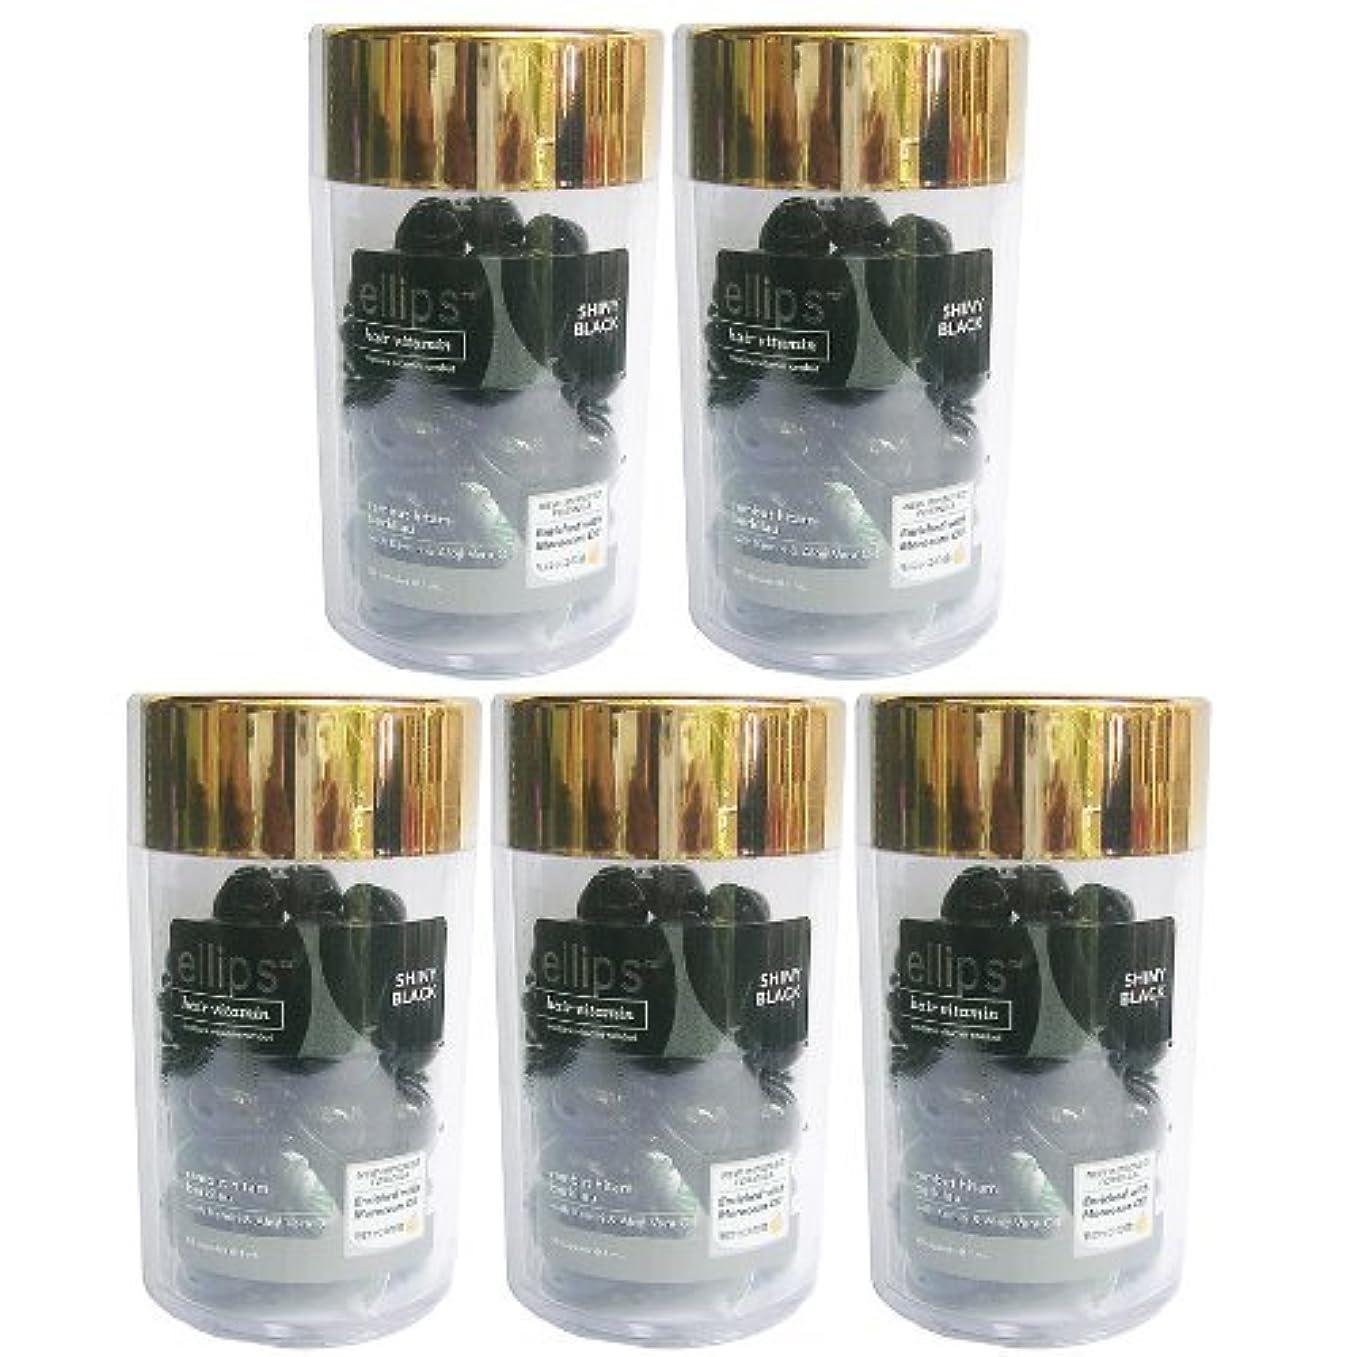 アンカー甥隔離するEllips(エリプス)ヘアビタミン(50粒入)5個セット [並行輸入品][海外直送品] ブラック